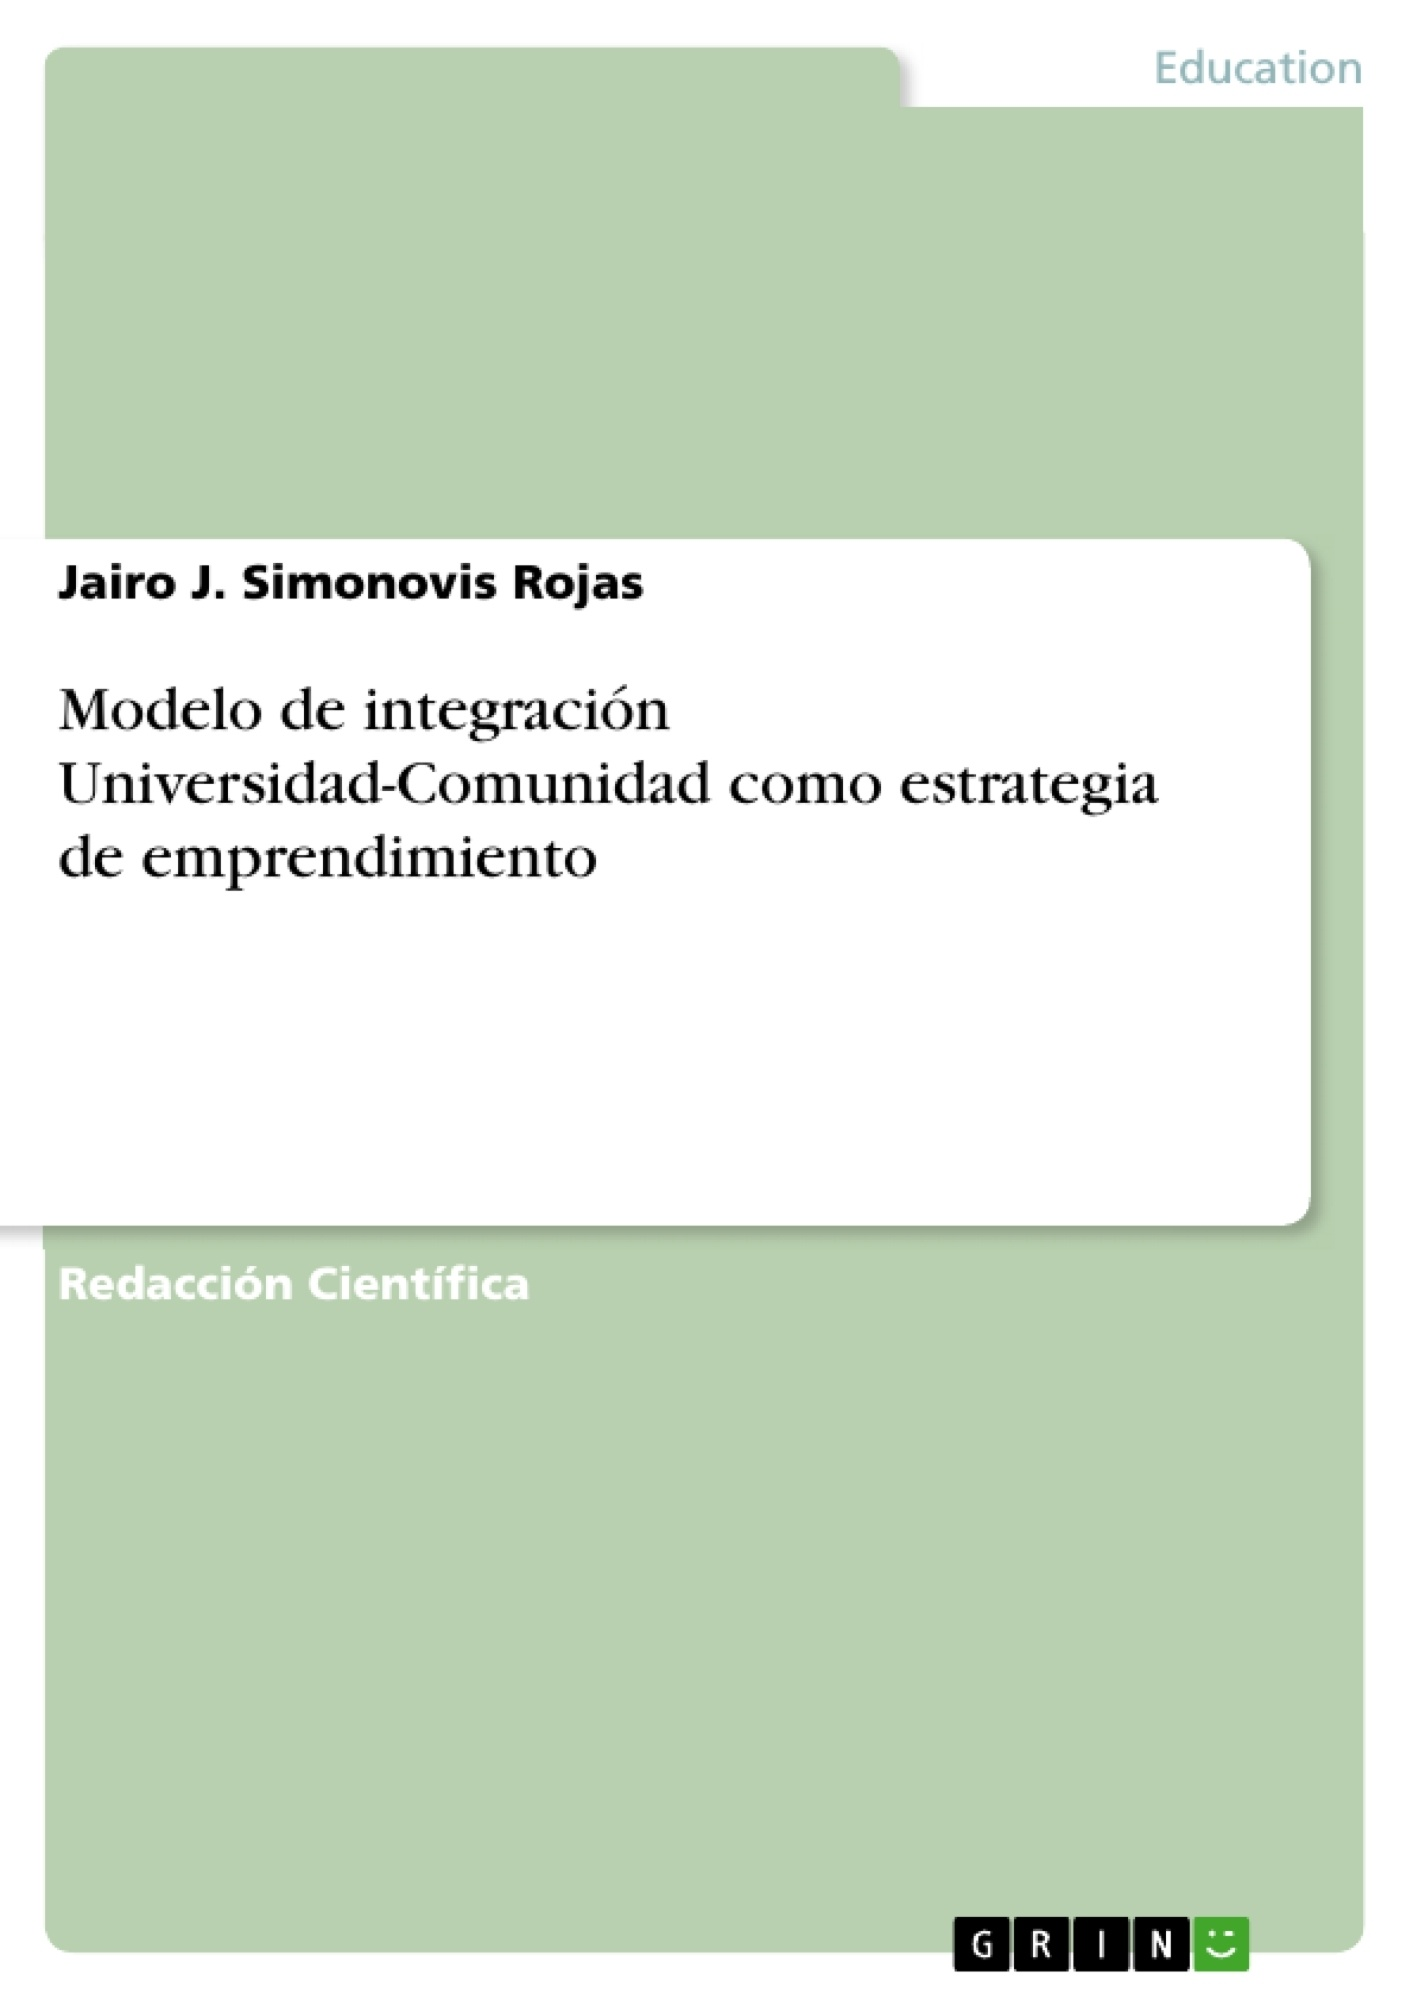 Título: Modelo de integración Universidad-Comunidad como estrategia de emprendimiento